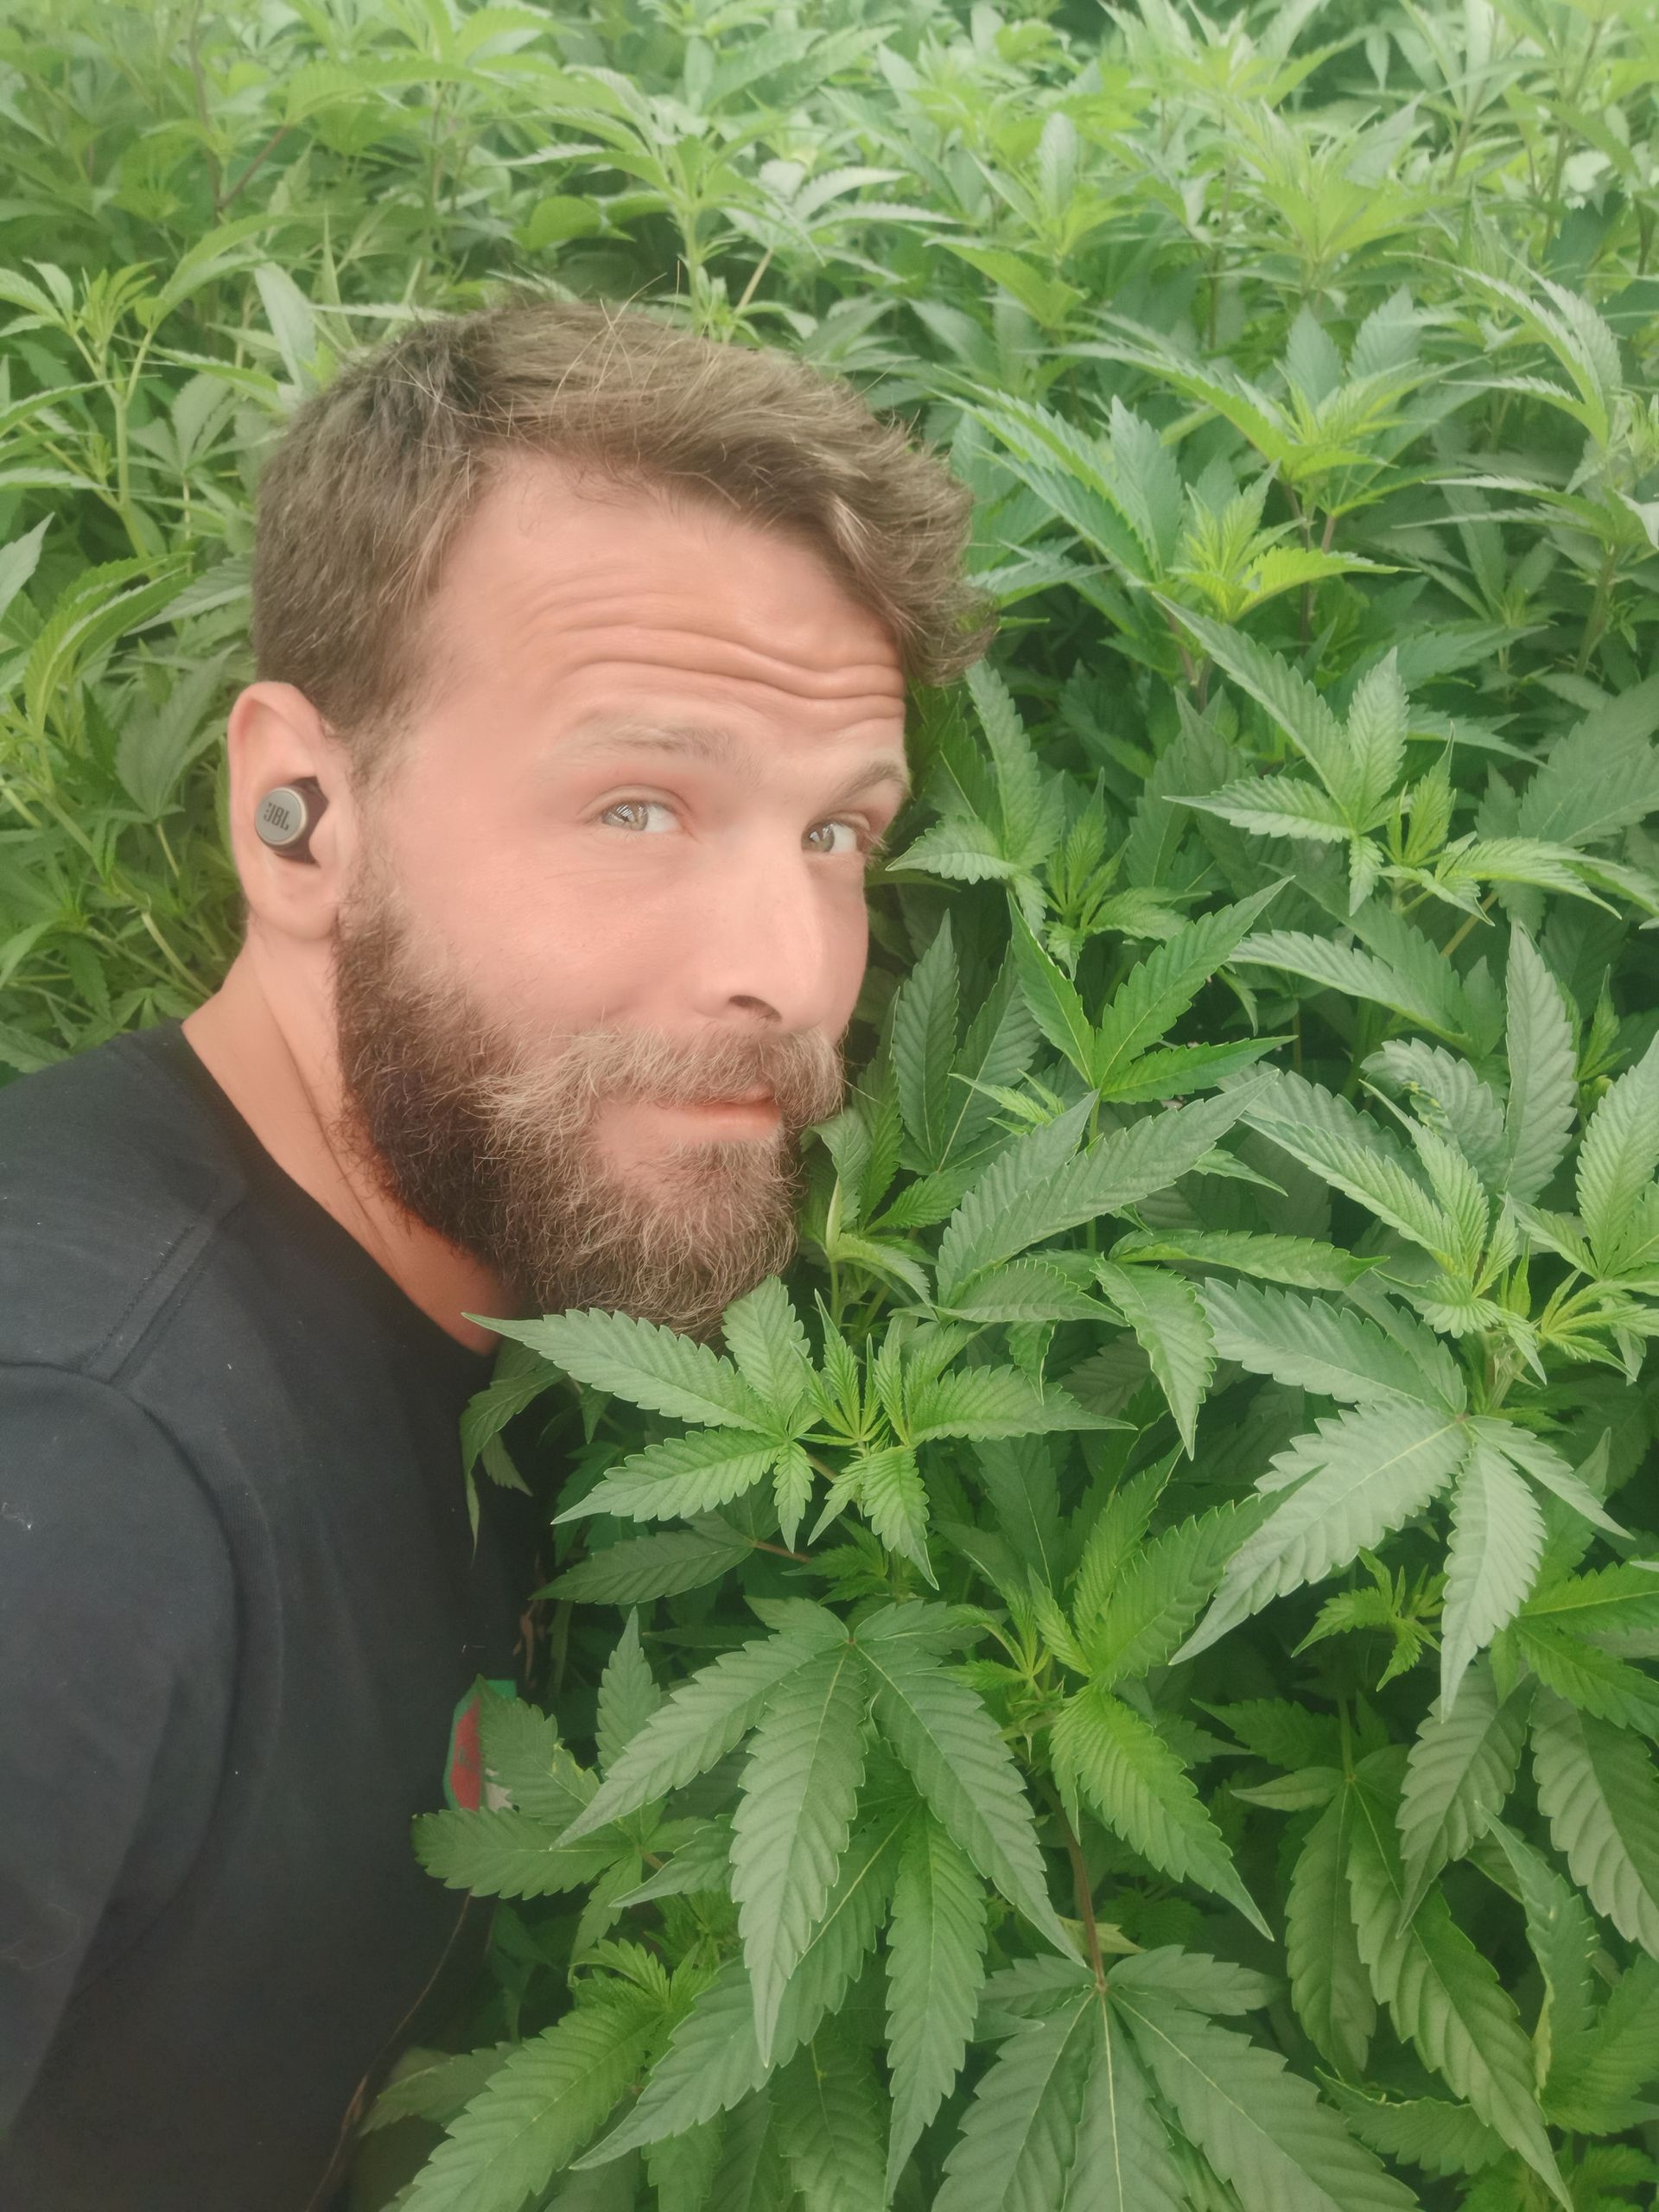 Matías Litvak , el argentino que trabaja como cultivador profesional de cannabis en Israel.